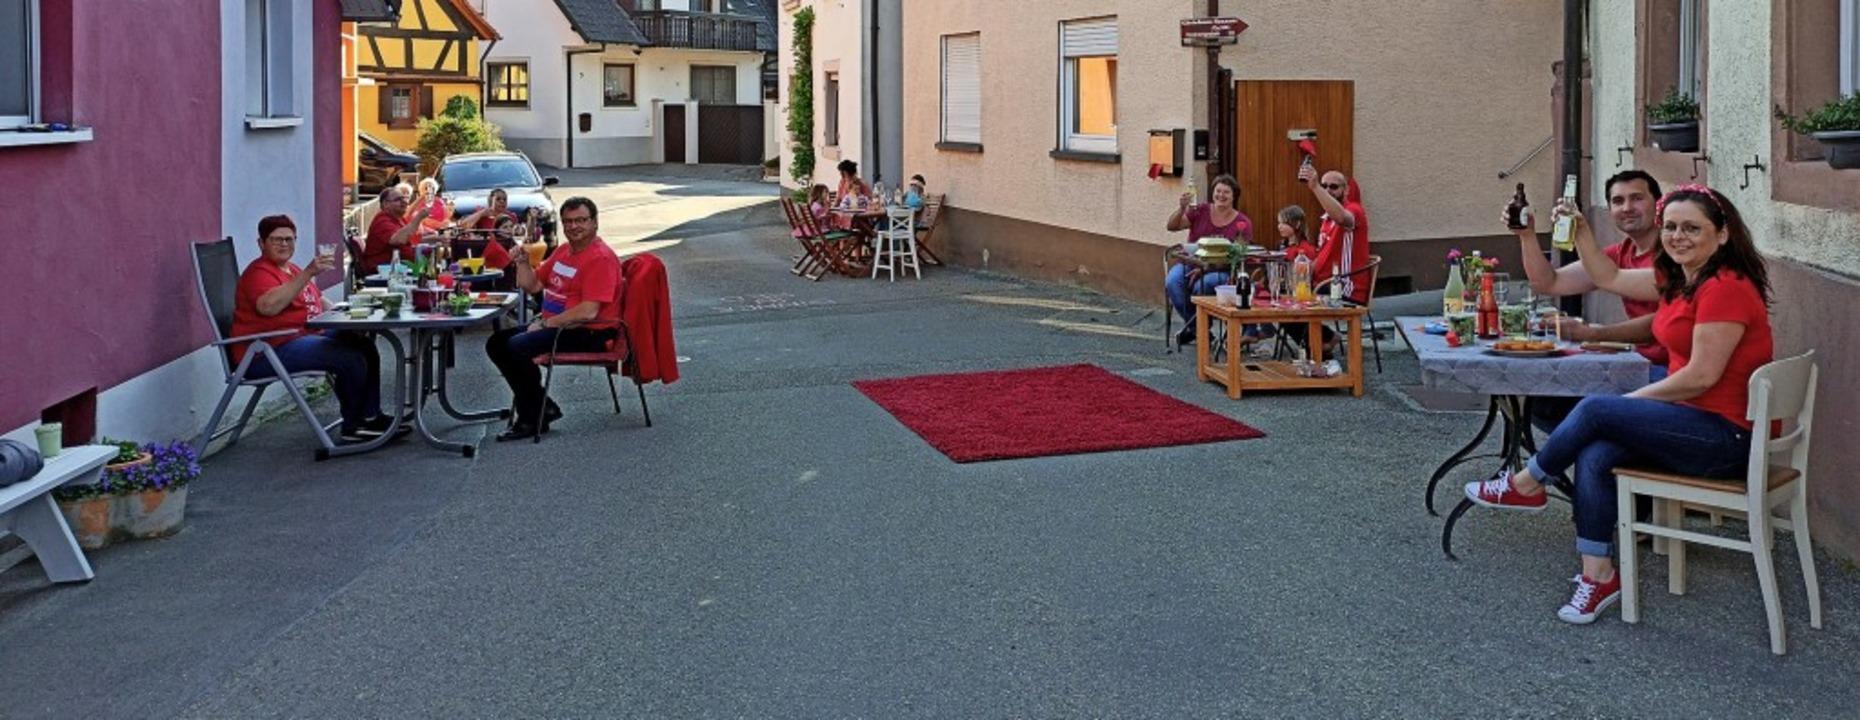 Dinner in red - das feierten in Königs...tanz am Samstagabend im Kirchengraben.  | Foto: Privat